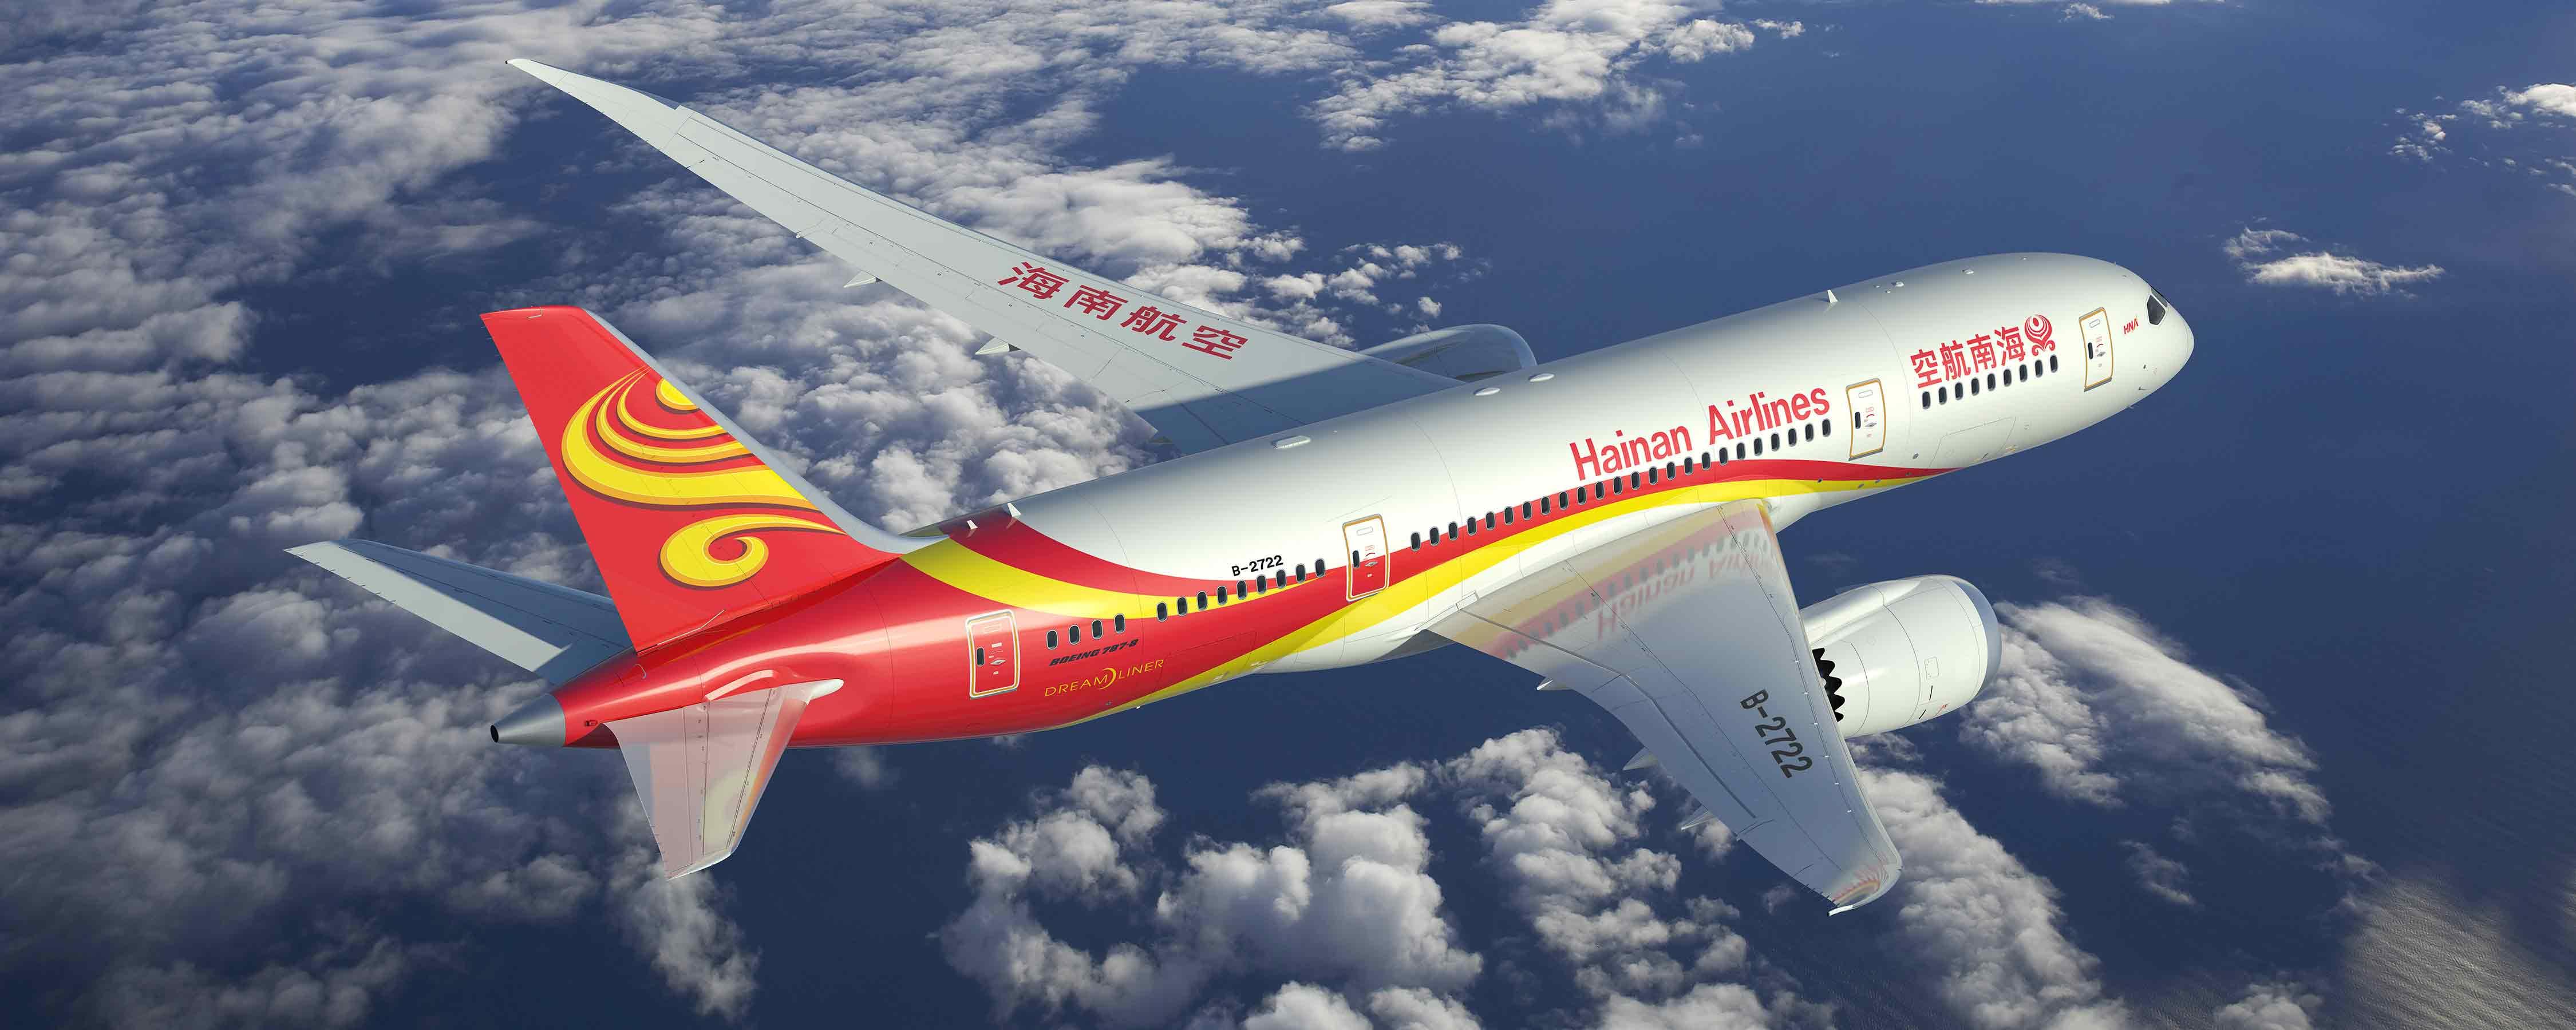 北京直飞多伦多航班